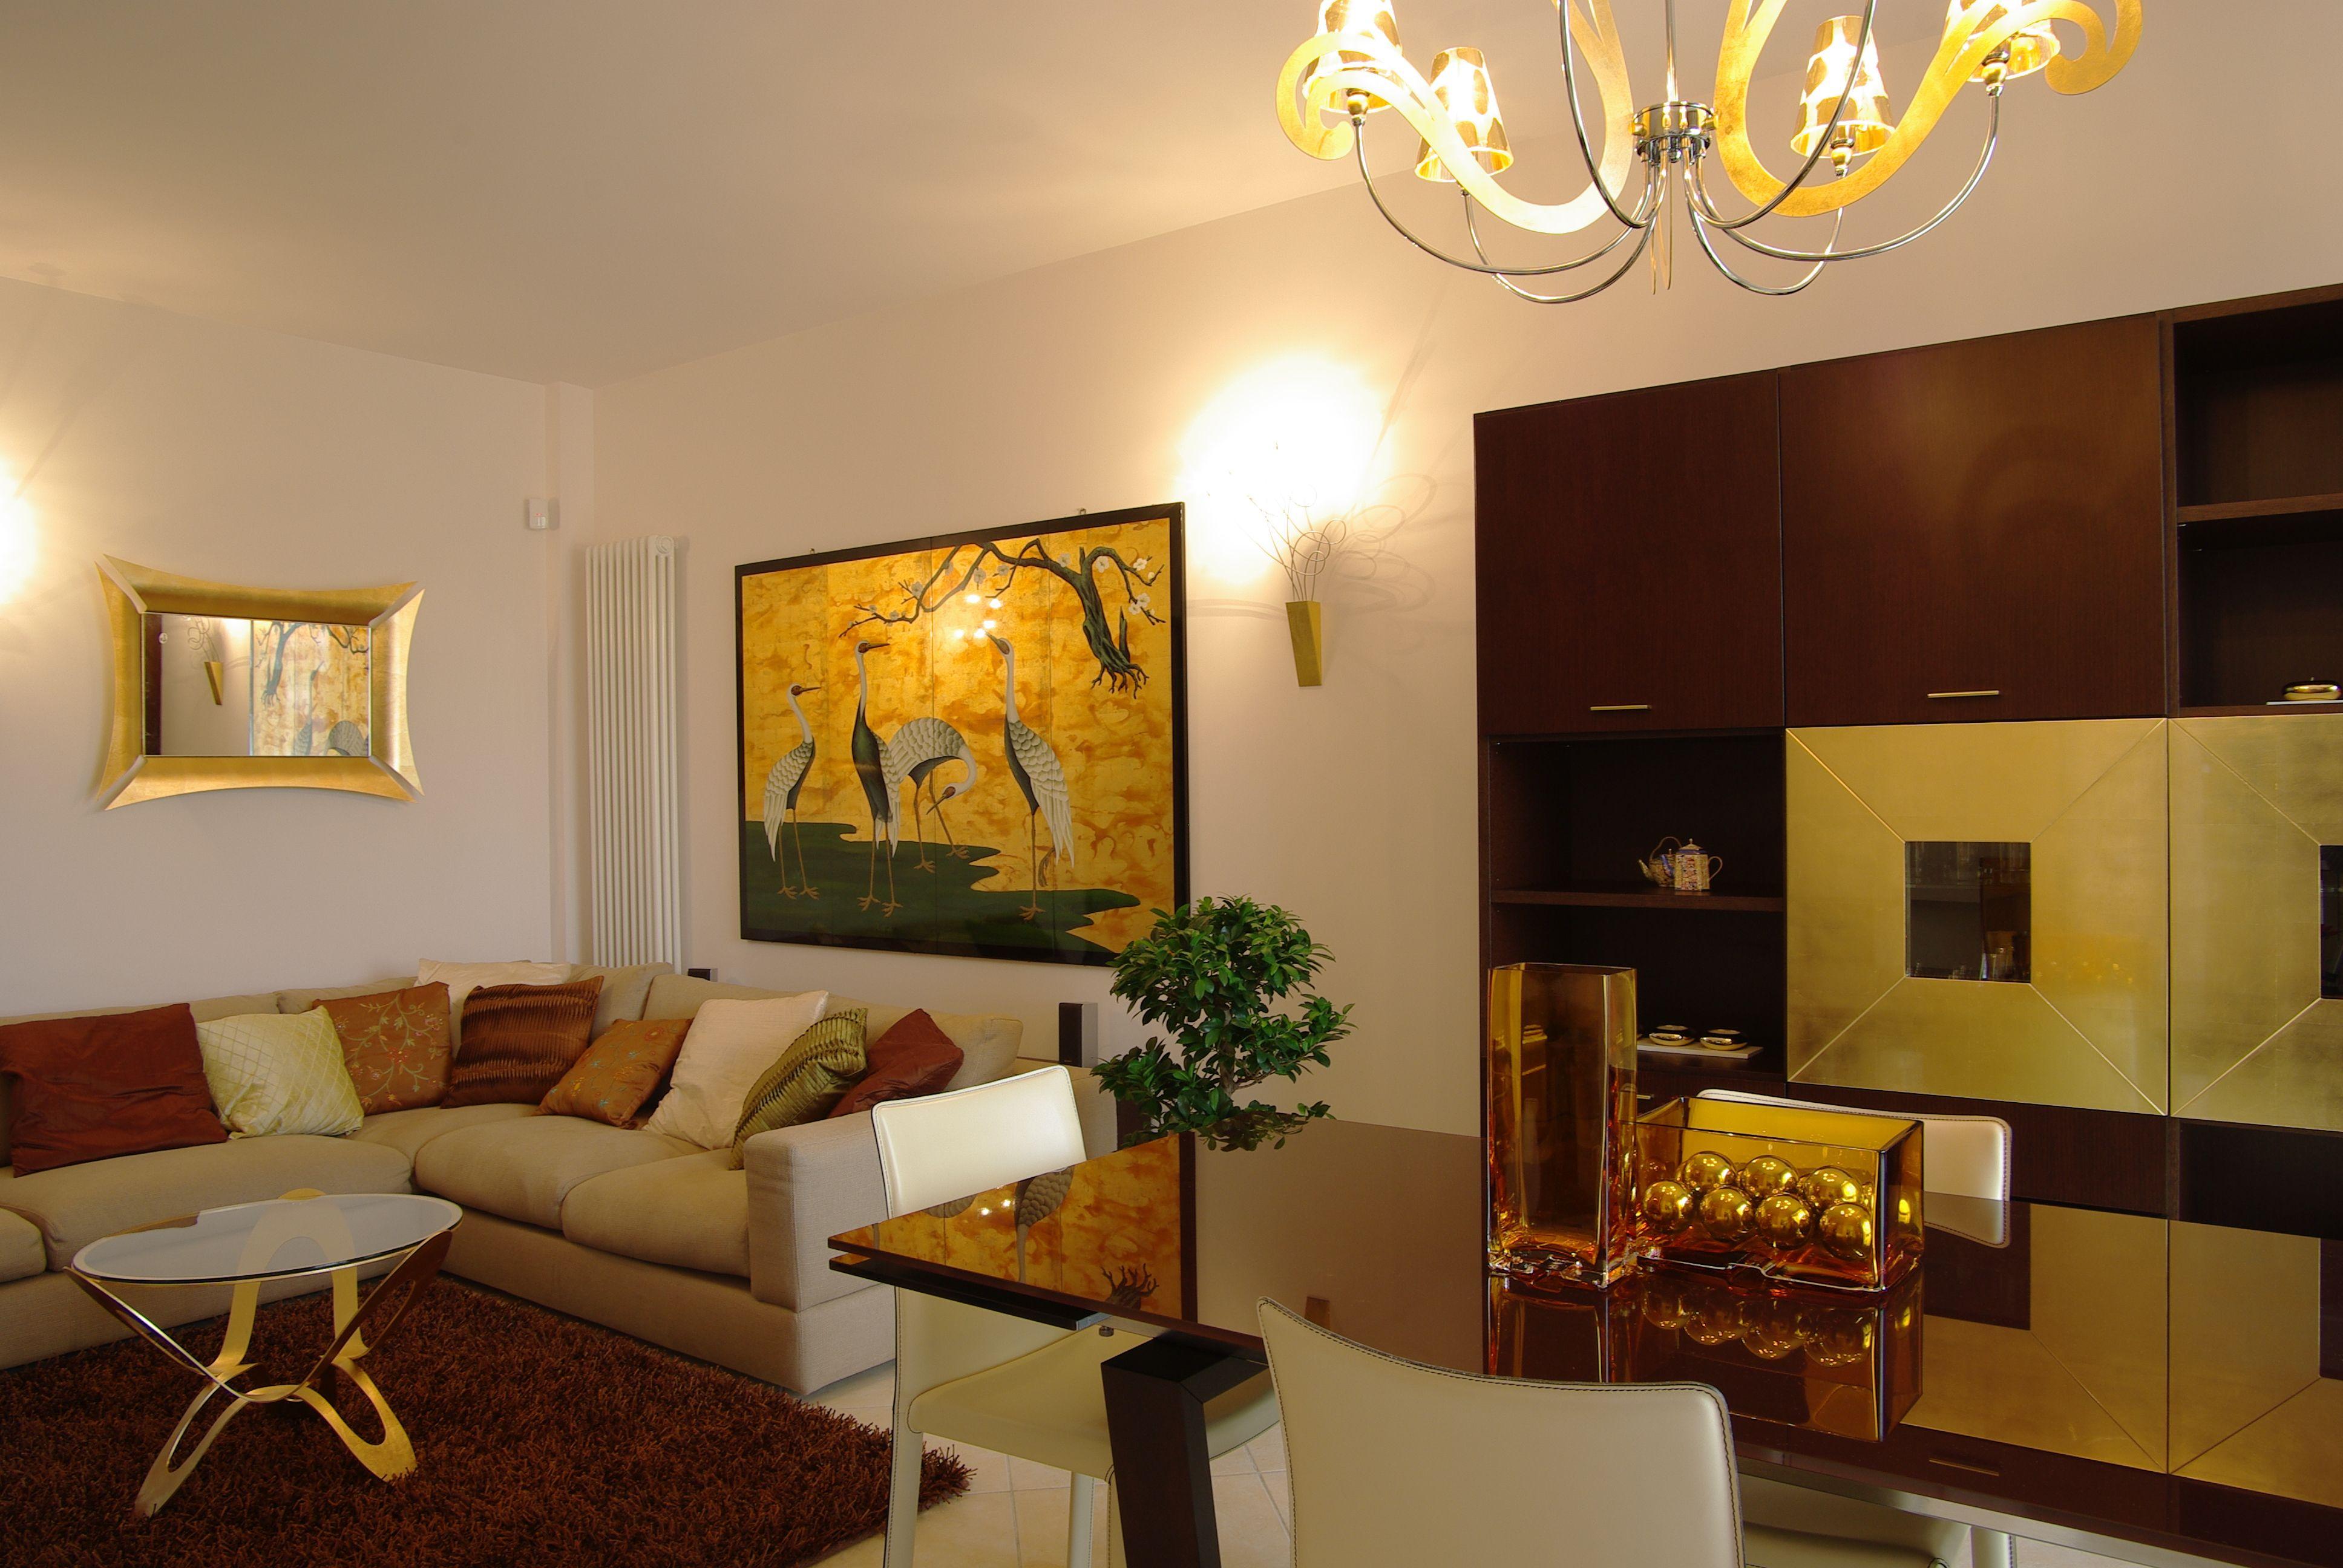 soggiorno sala da pranzo e mobile parete wengè e foglia oro besana ... - Arredamento Soggiorno Wenge